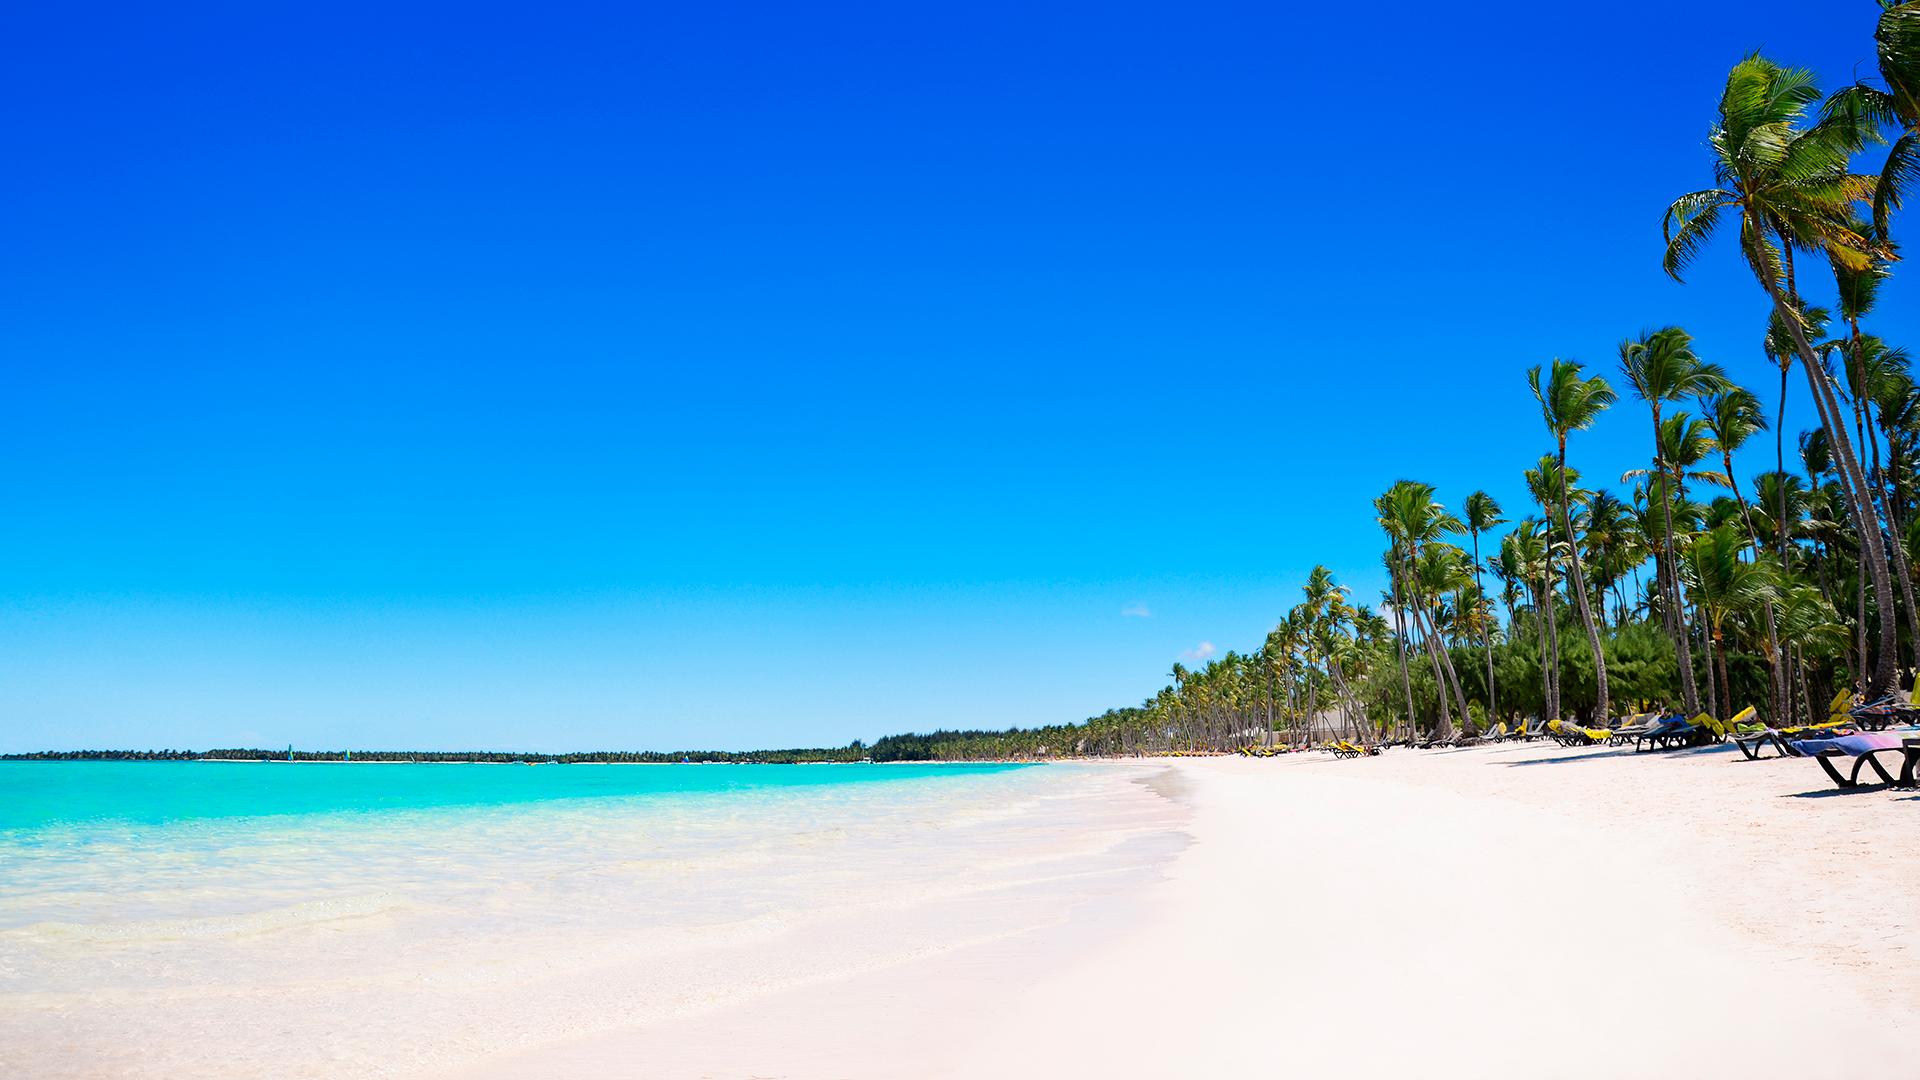 Está ubicada en la Costa del Coco, en el Este de República Dominicana, dentro de una extensión de 40 kilómetros de playas paradisíacas.